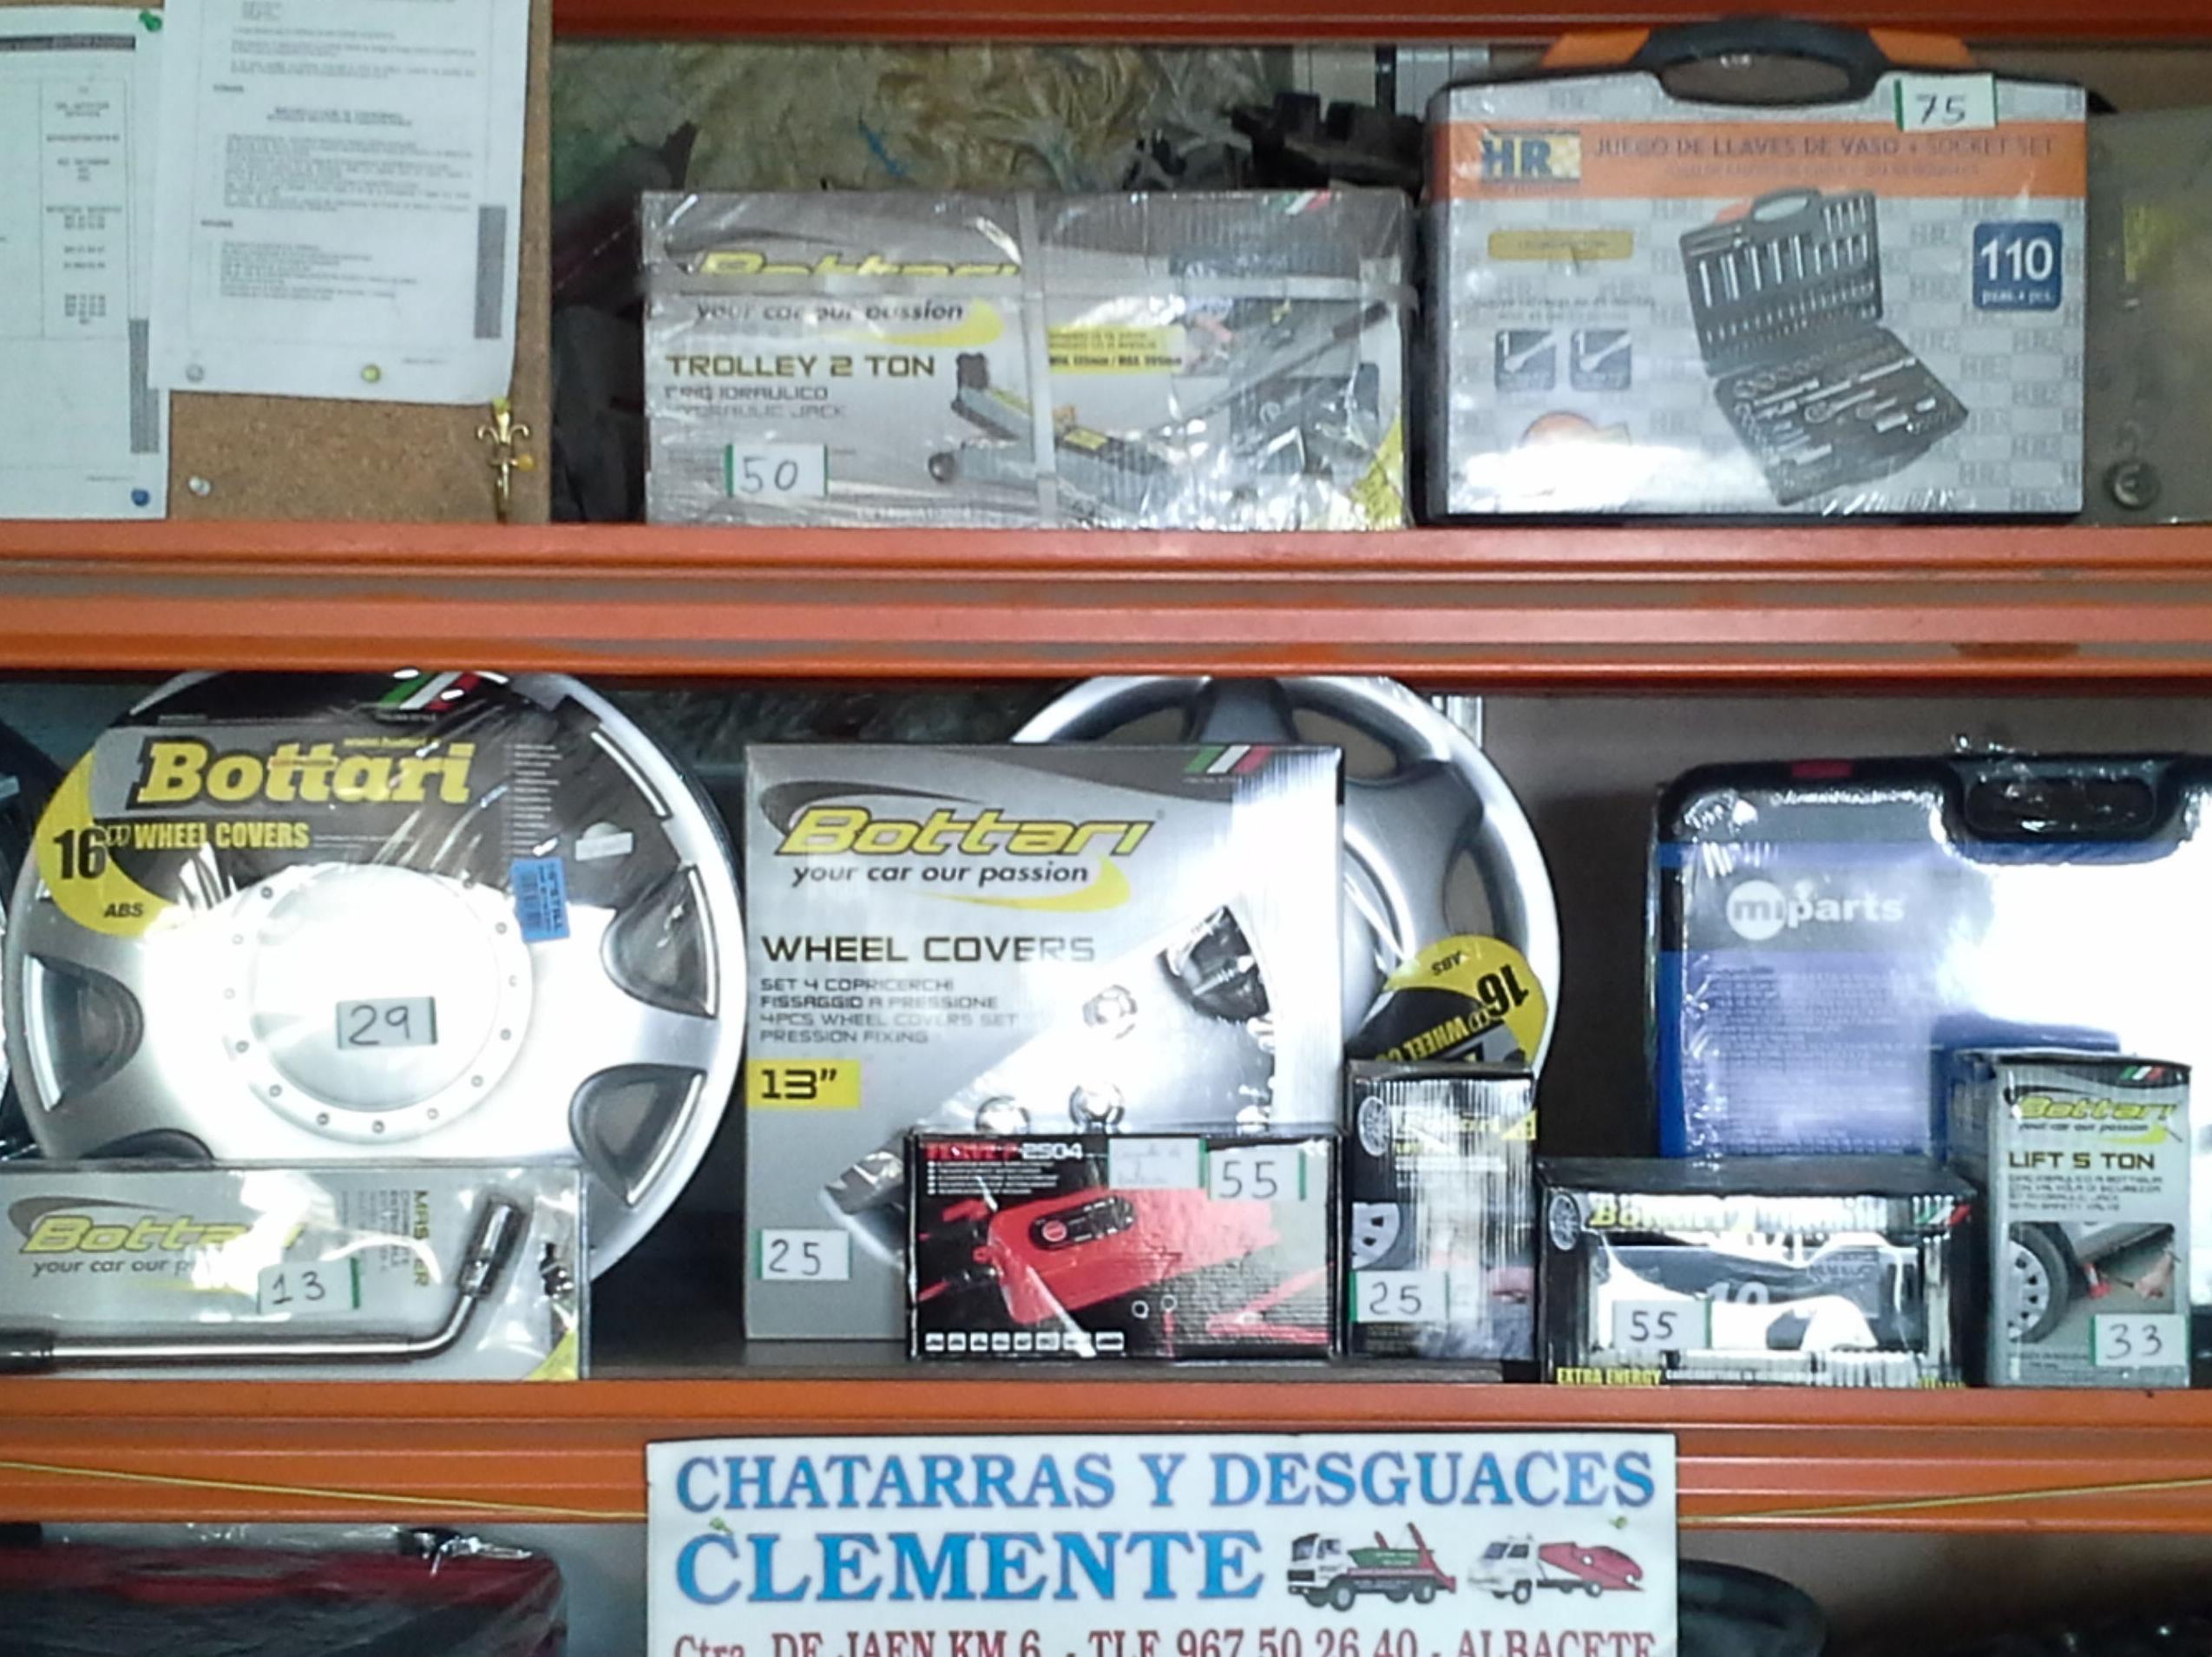 Objetos de ocasion en desguaces clemente de Albacete